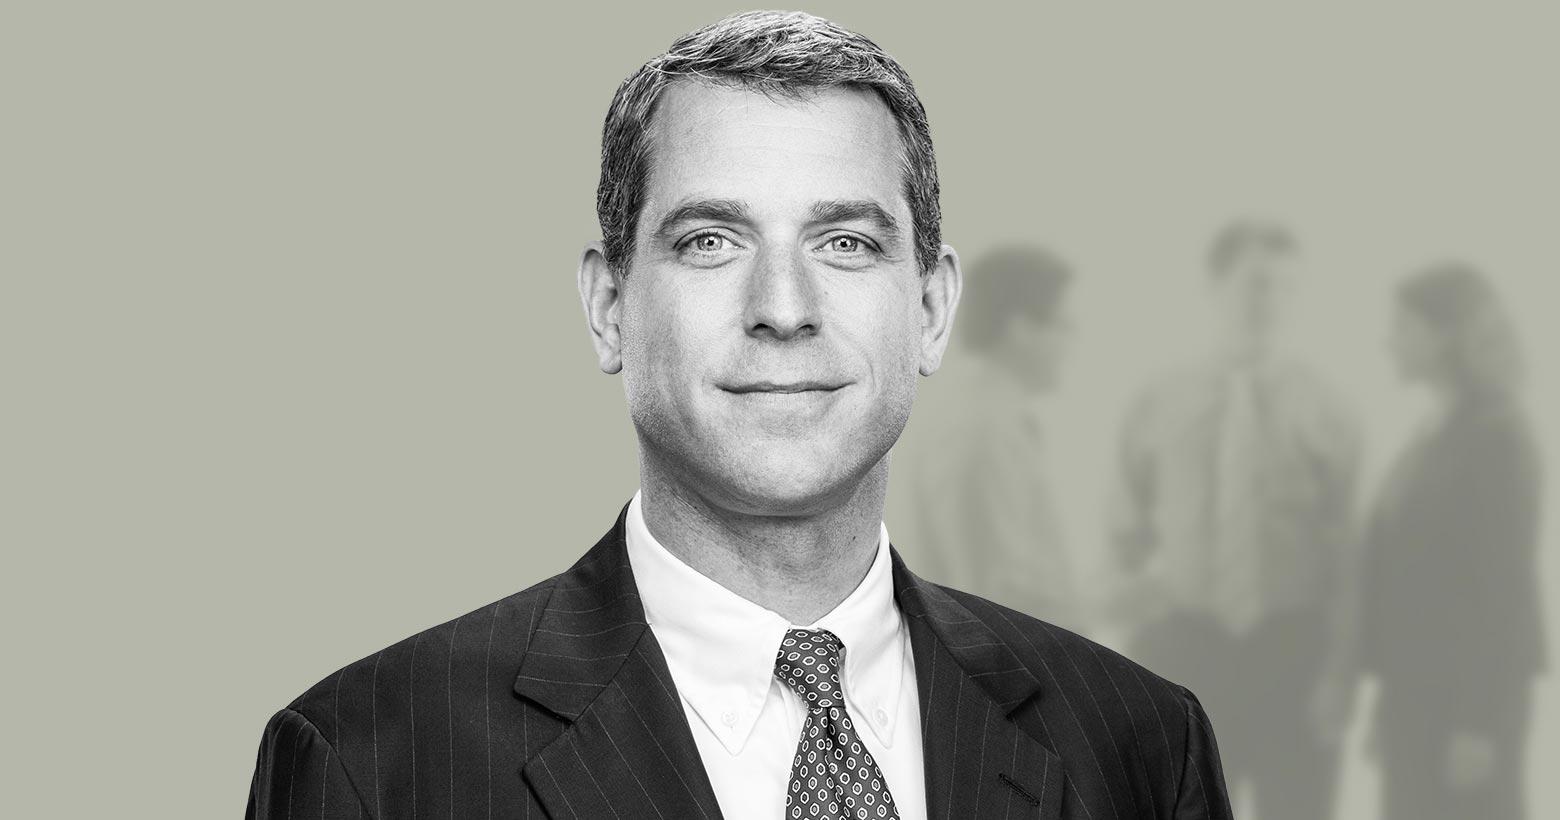 John D. Schueller